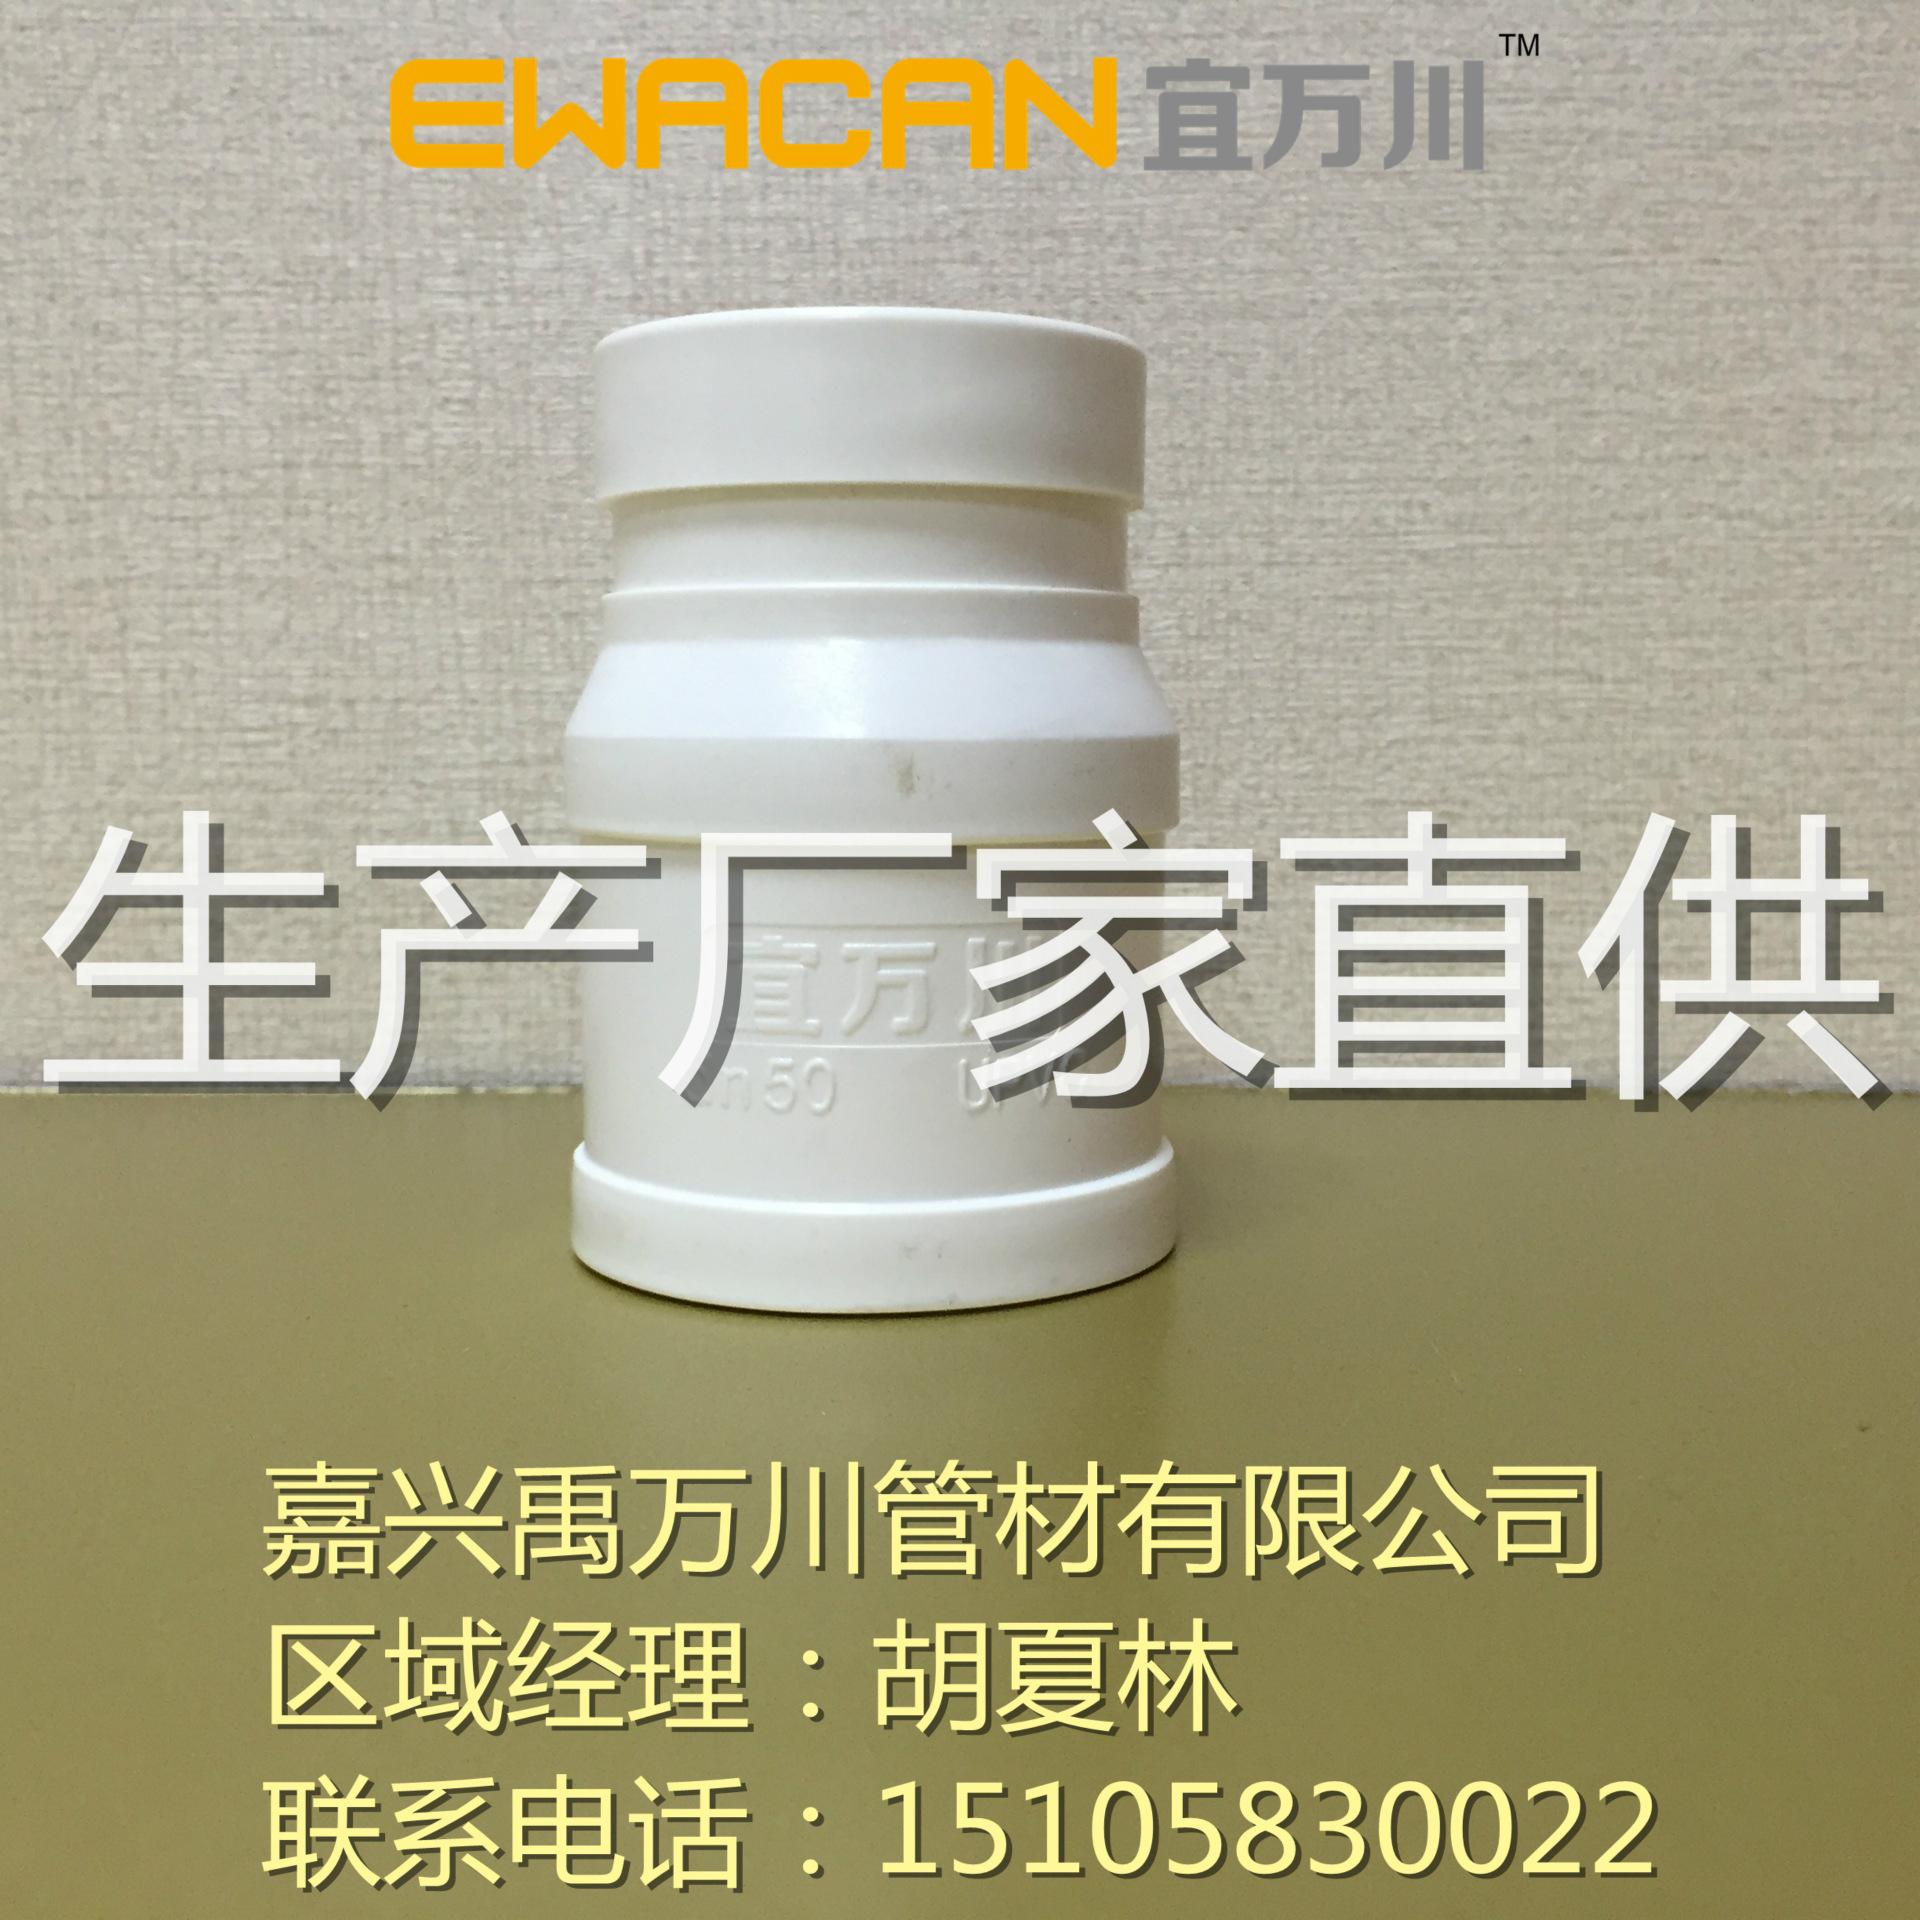 直供沟槽式HDPE超静音排水管,PVC转换接(厂家),HDPE 静音管示例图2